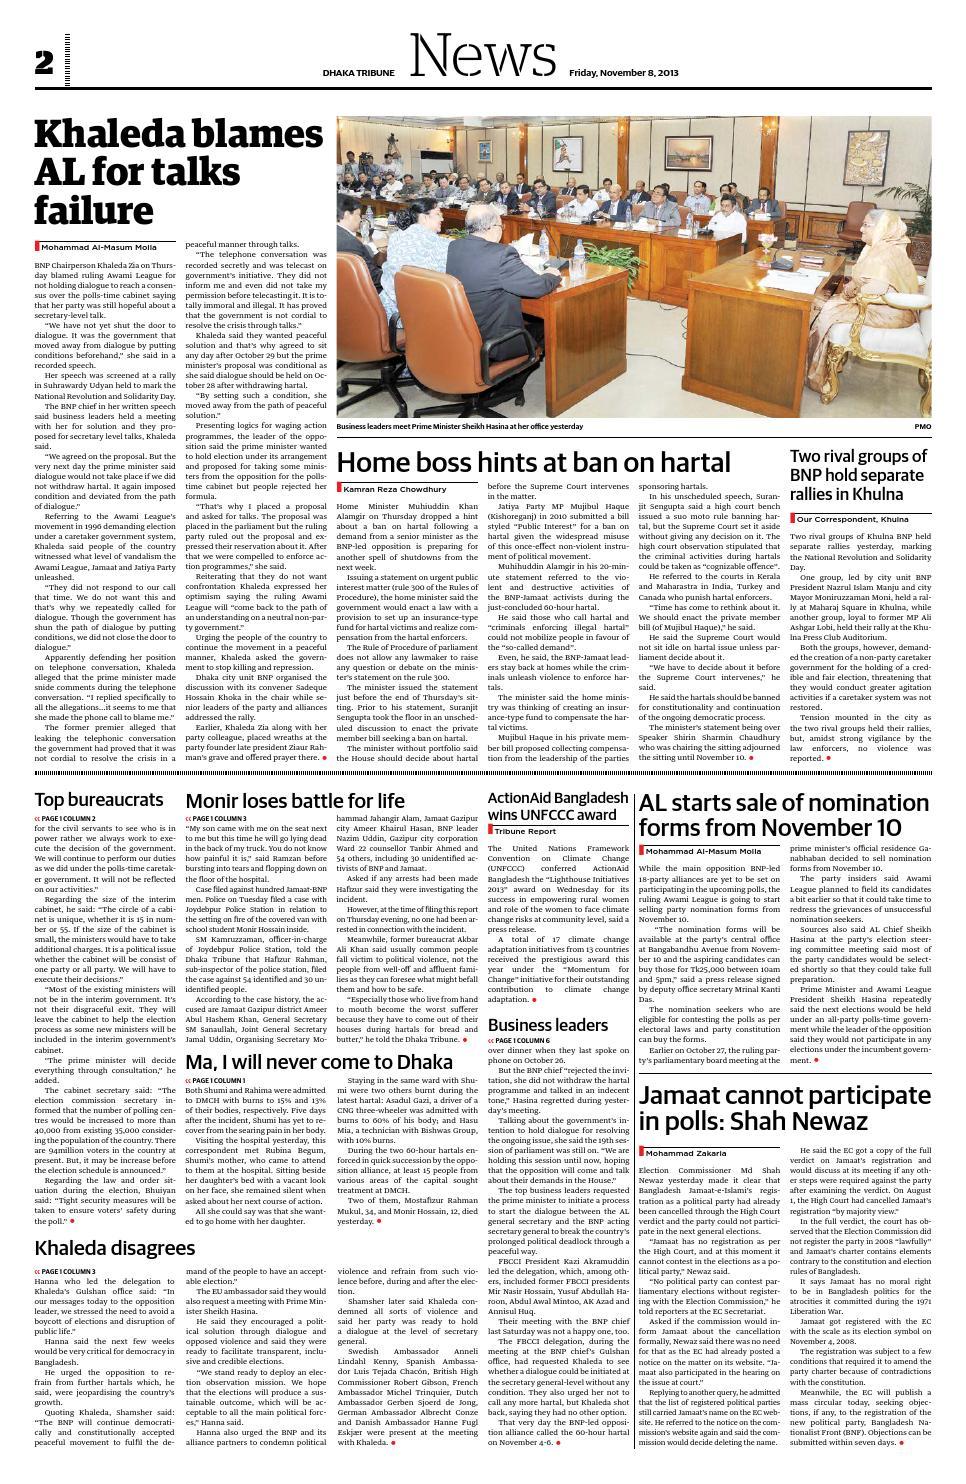 November 08, 2013 by DhakaTribune - issuu